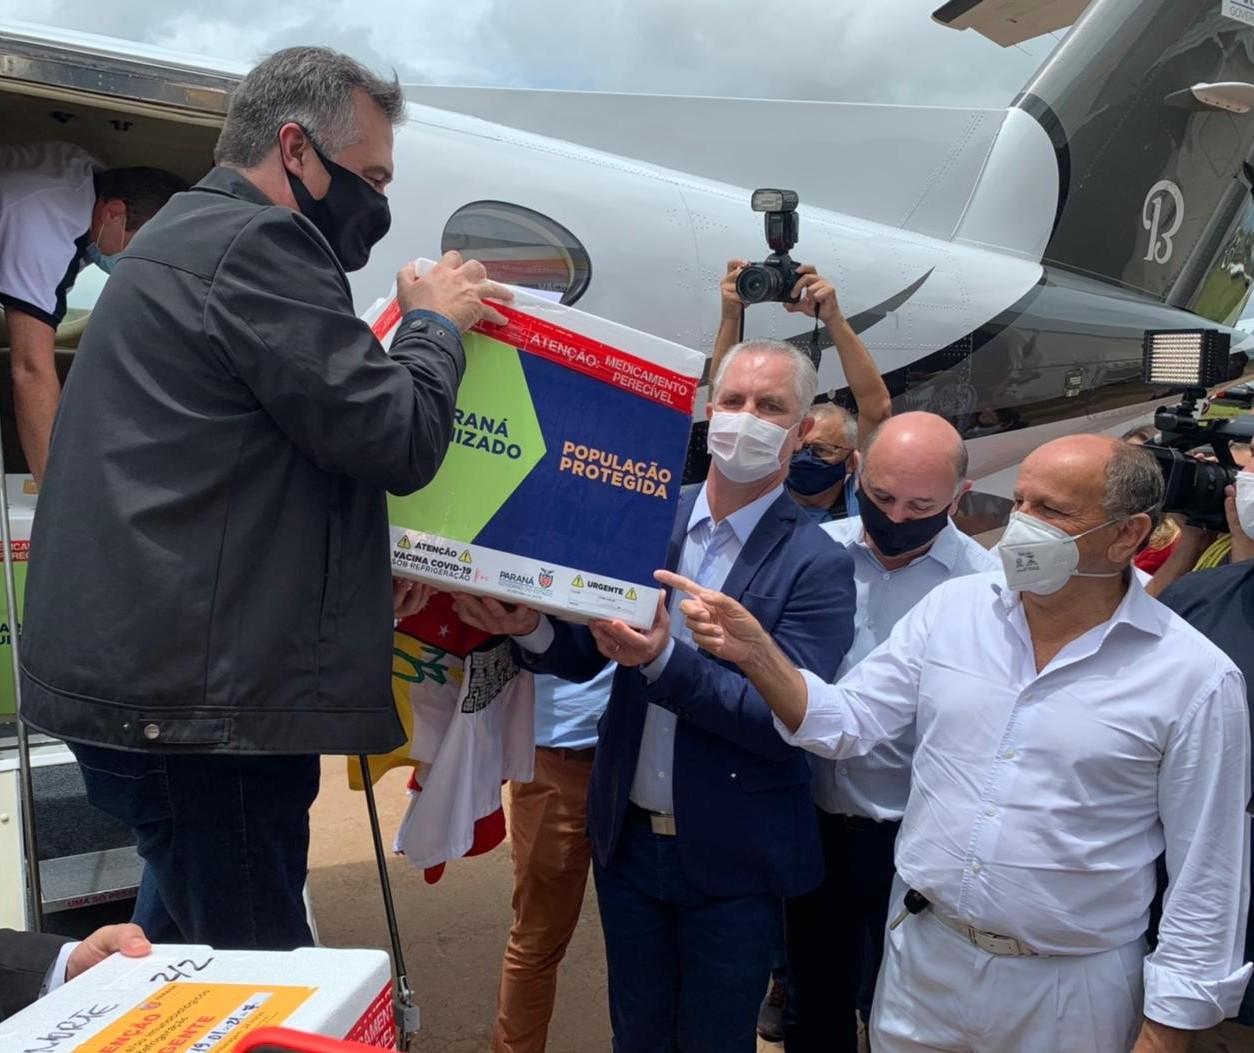 Vacina contra a Covid-19 chega a Maringá; cinco servidores serão vacinados nesta terça (19)